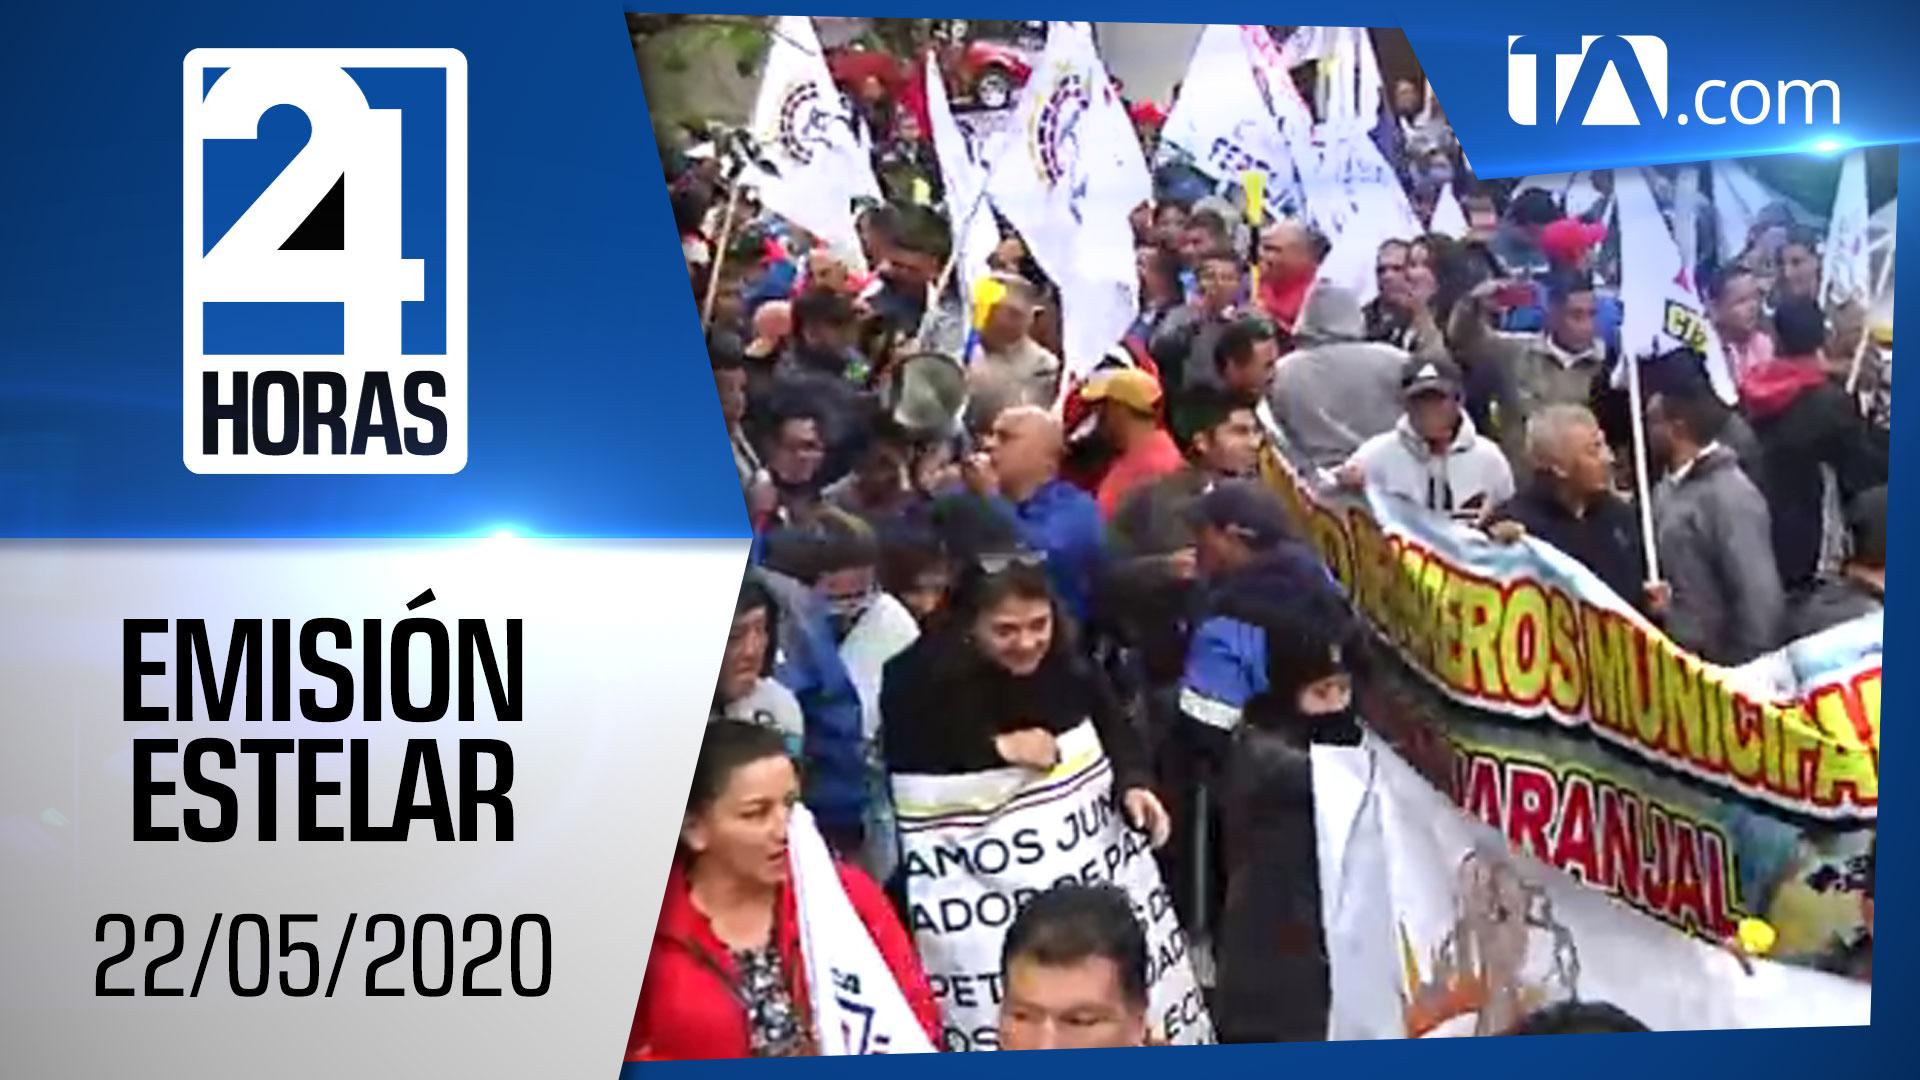 Noticias Ecuador: Noticiero 24 Horas, 22/05/2020 (Emisión Estelar)